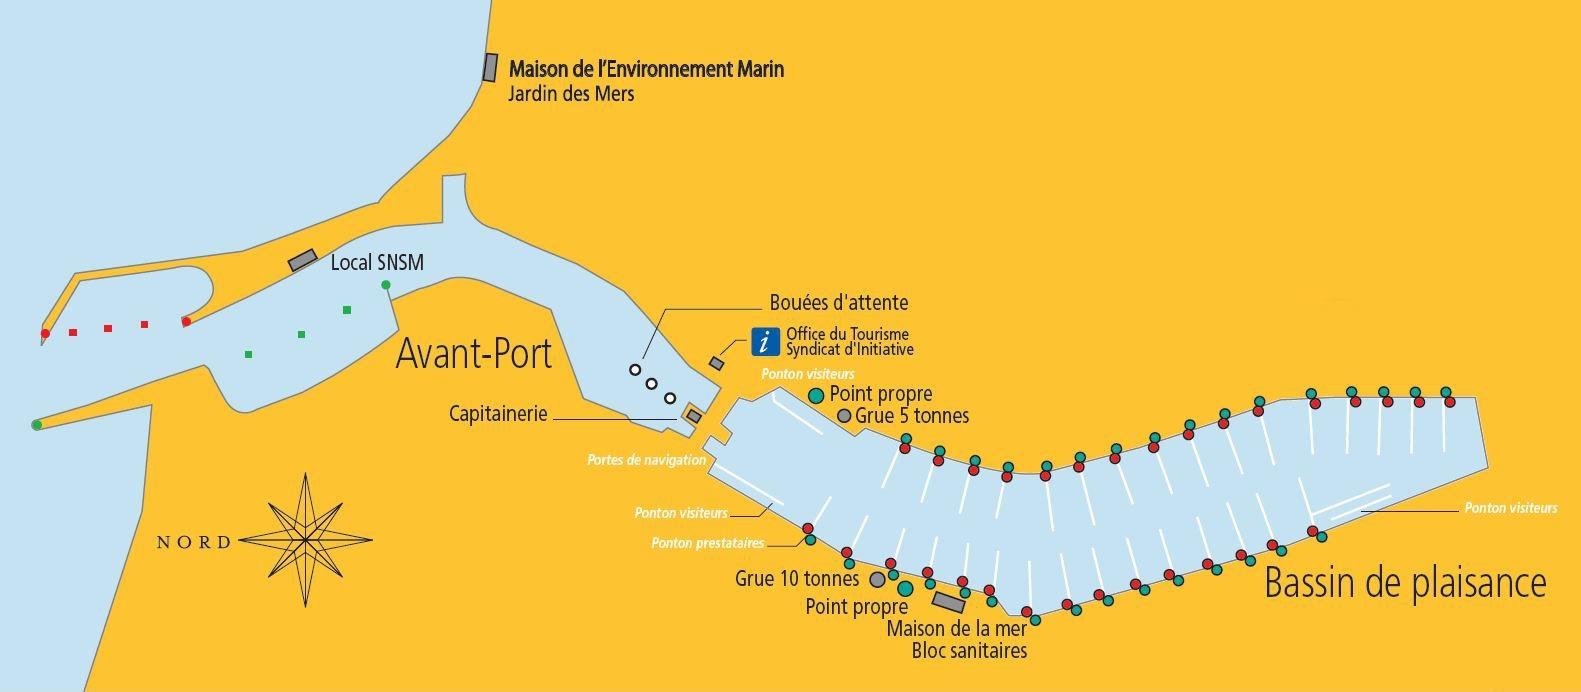 Port de plaisance saint valery en caux loisirs - Port de plaisance saint valery en caux ...